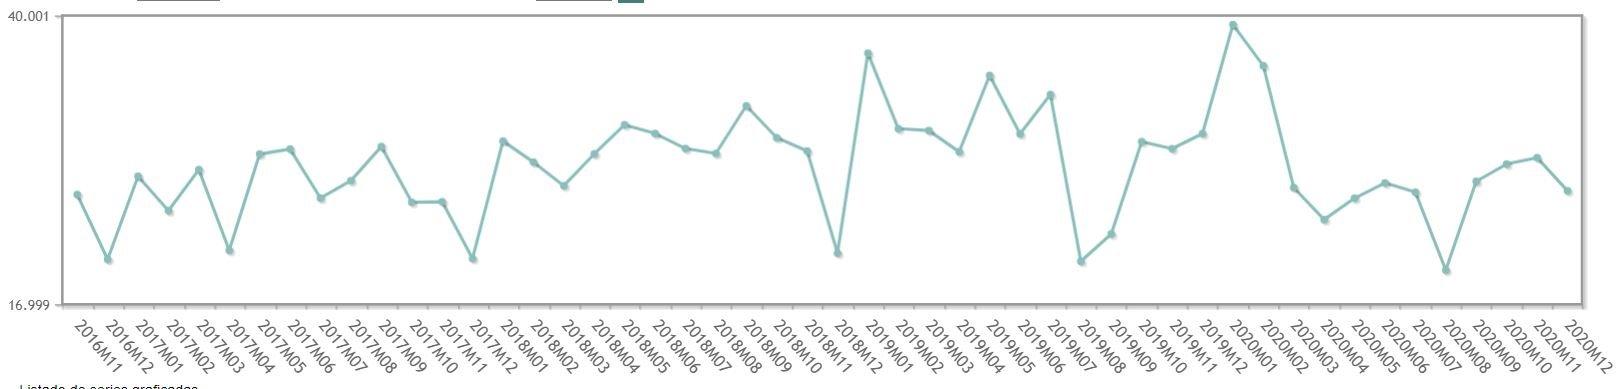 Evolución del número de hipotecas INE